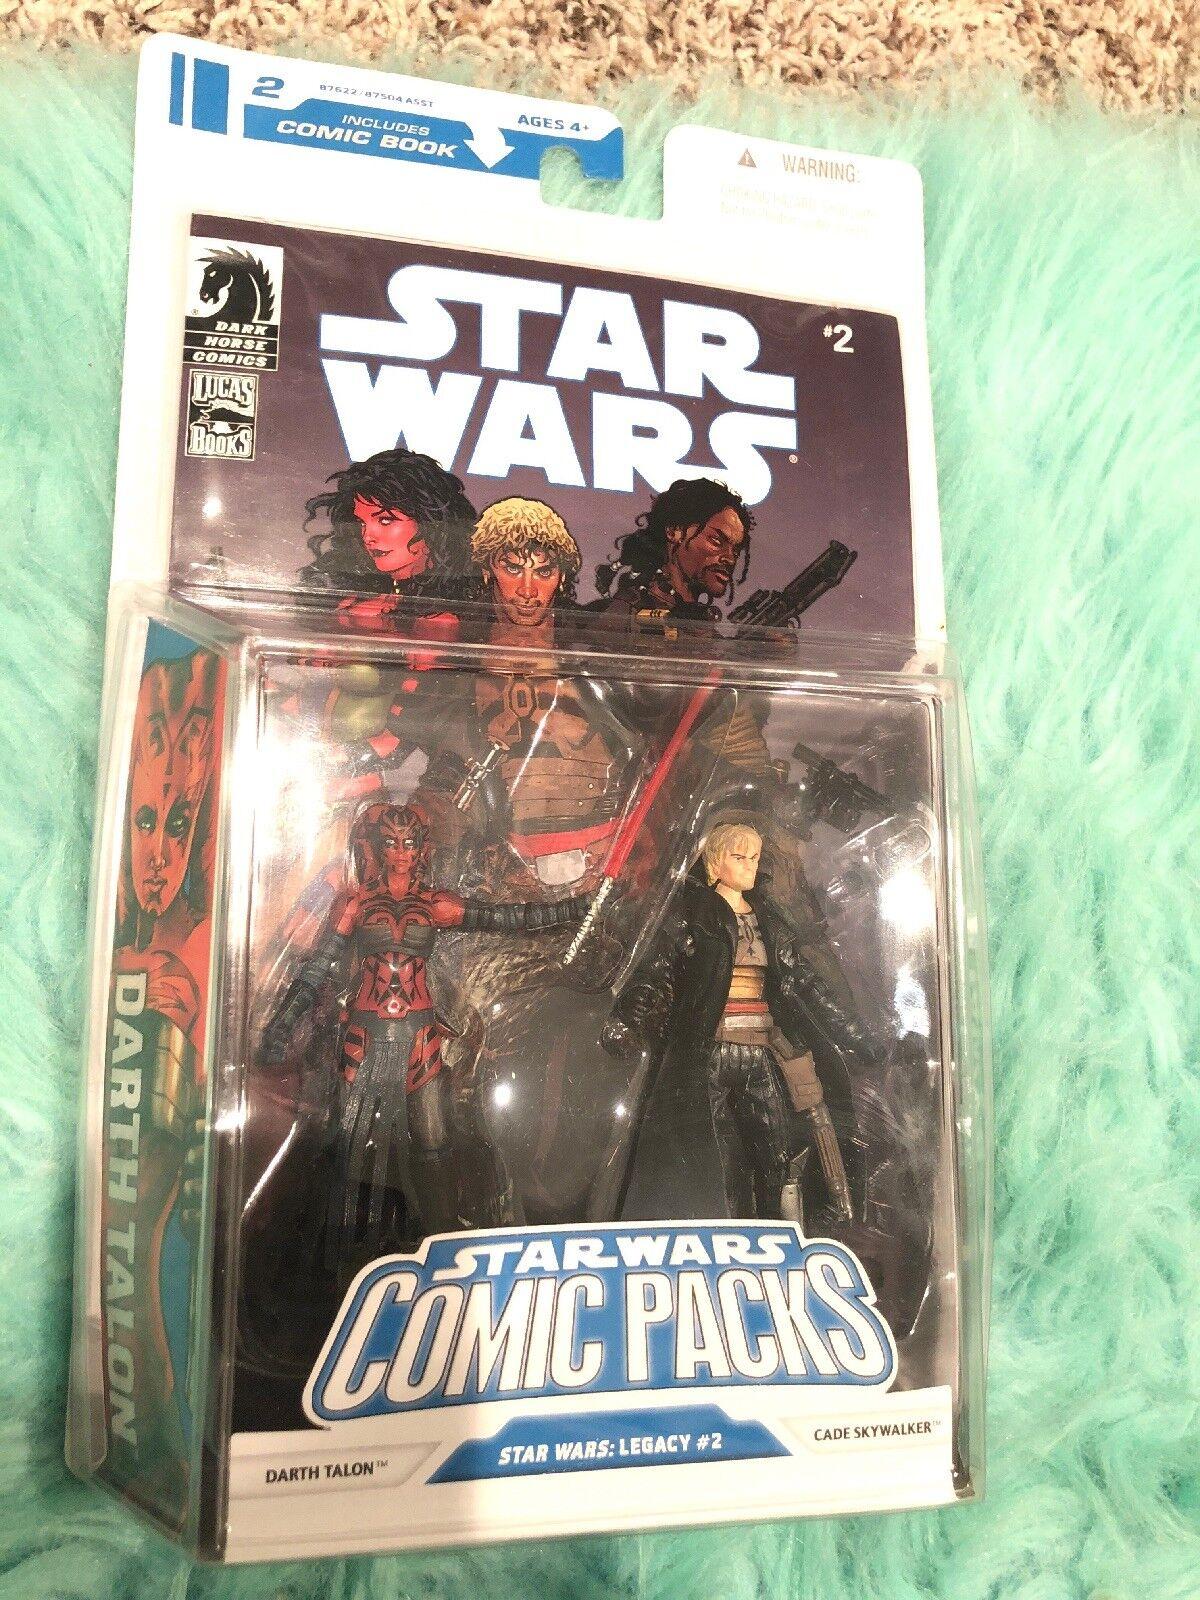 Raro Comic Pack Star Wars Darth Talon & Cade Skywalker error no Sable De Luz